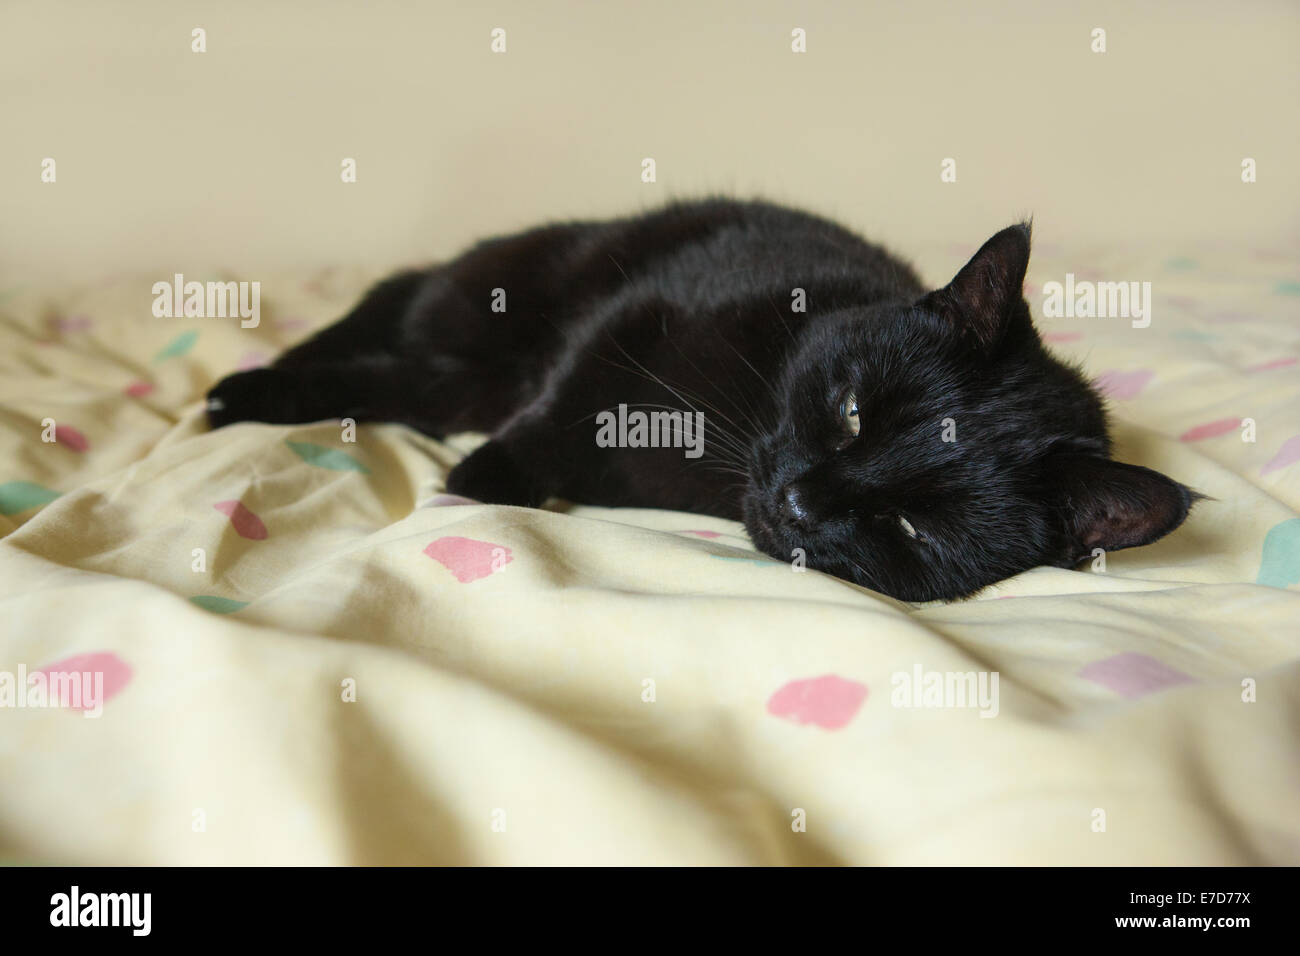 Eine verschlafene Katze gerade noch wach auf einem Bett Stockfoto